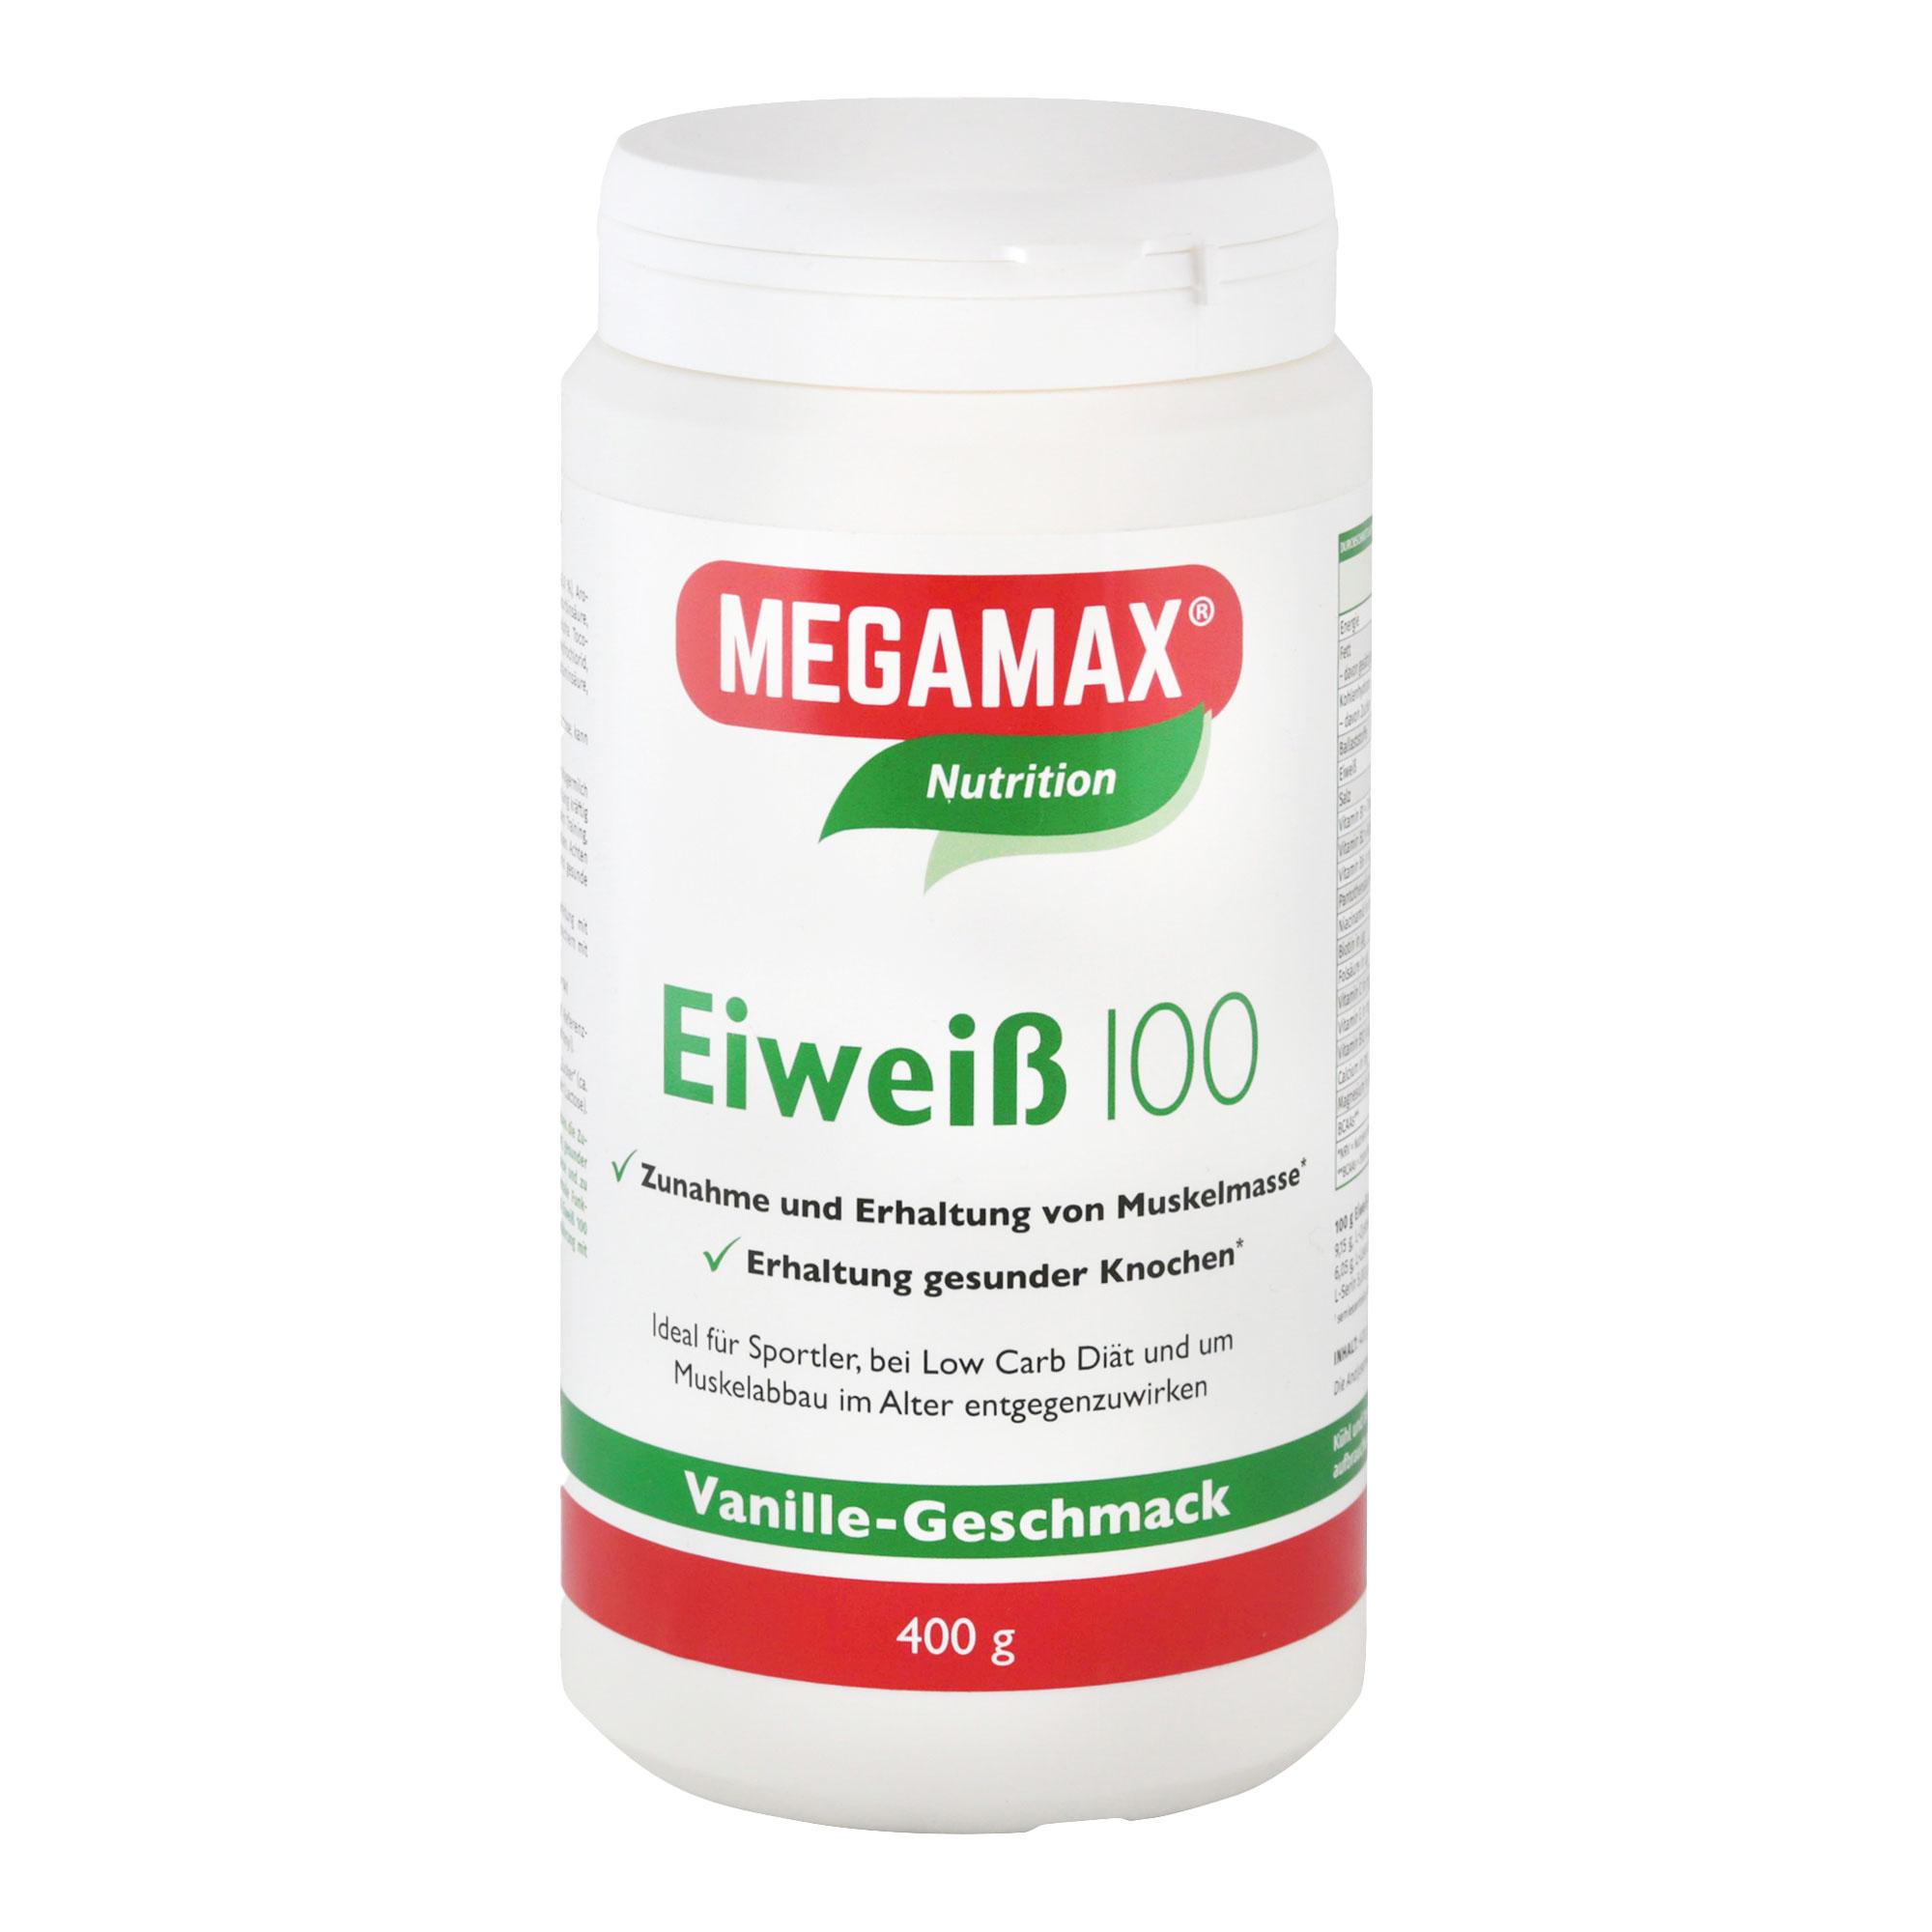 MegaMax Eiweiß 100 Vanille